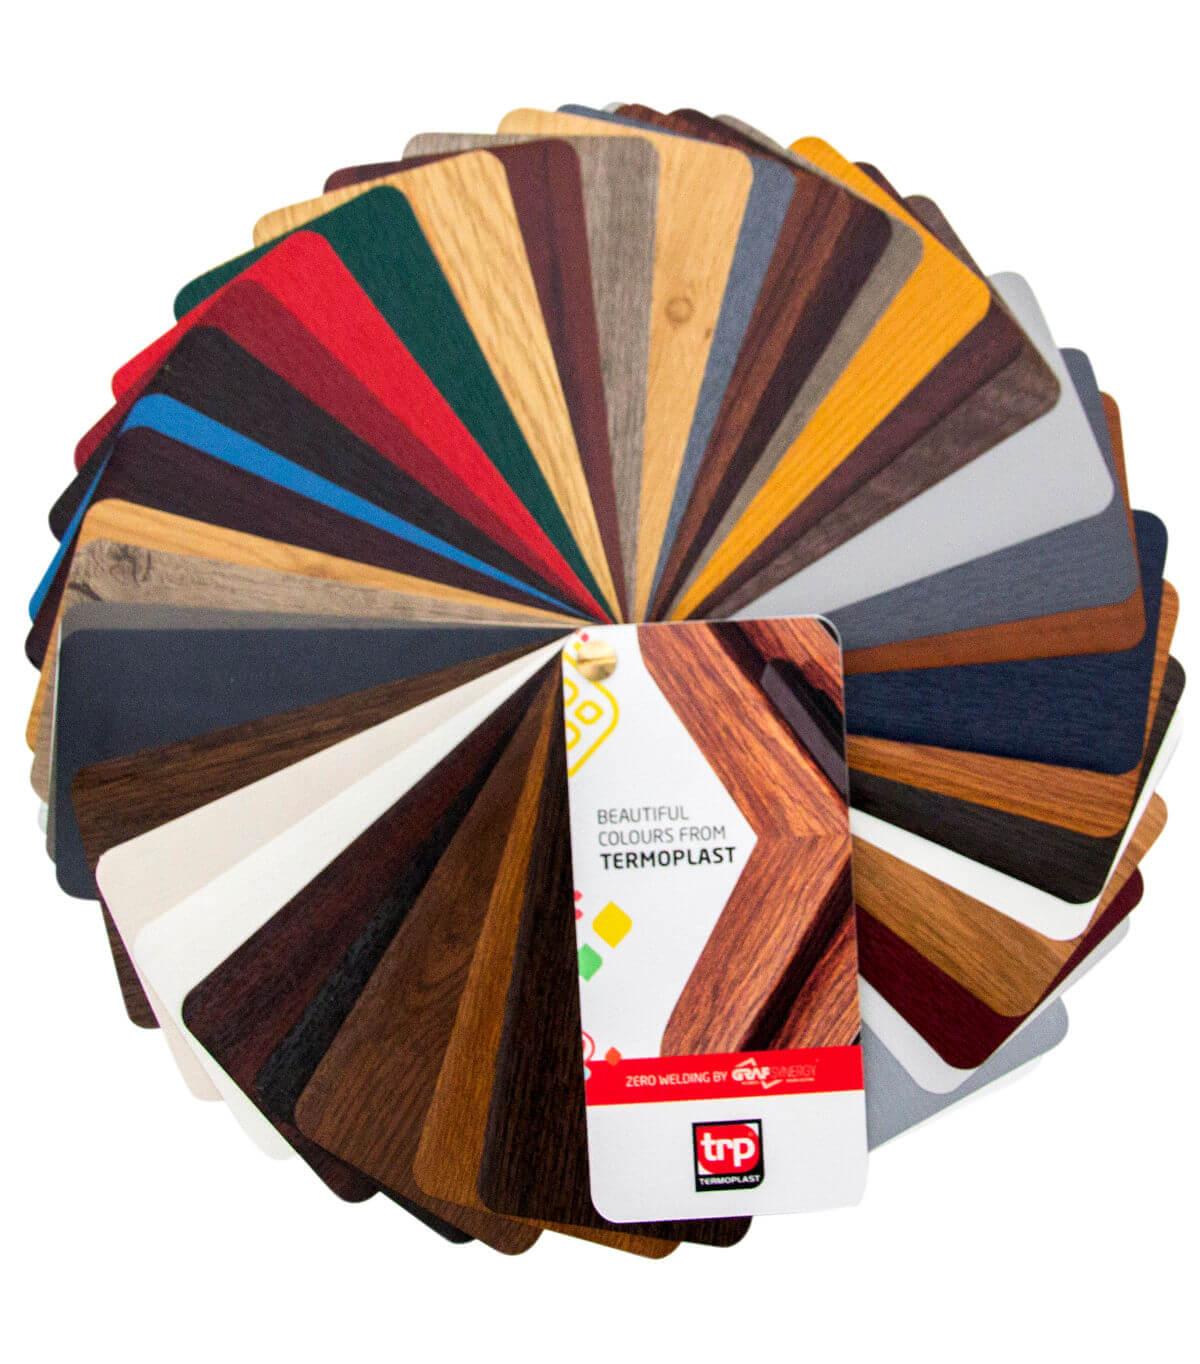 termoplast - palette de couleurs spéciale